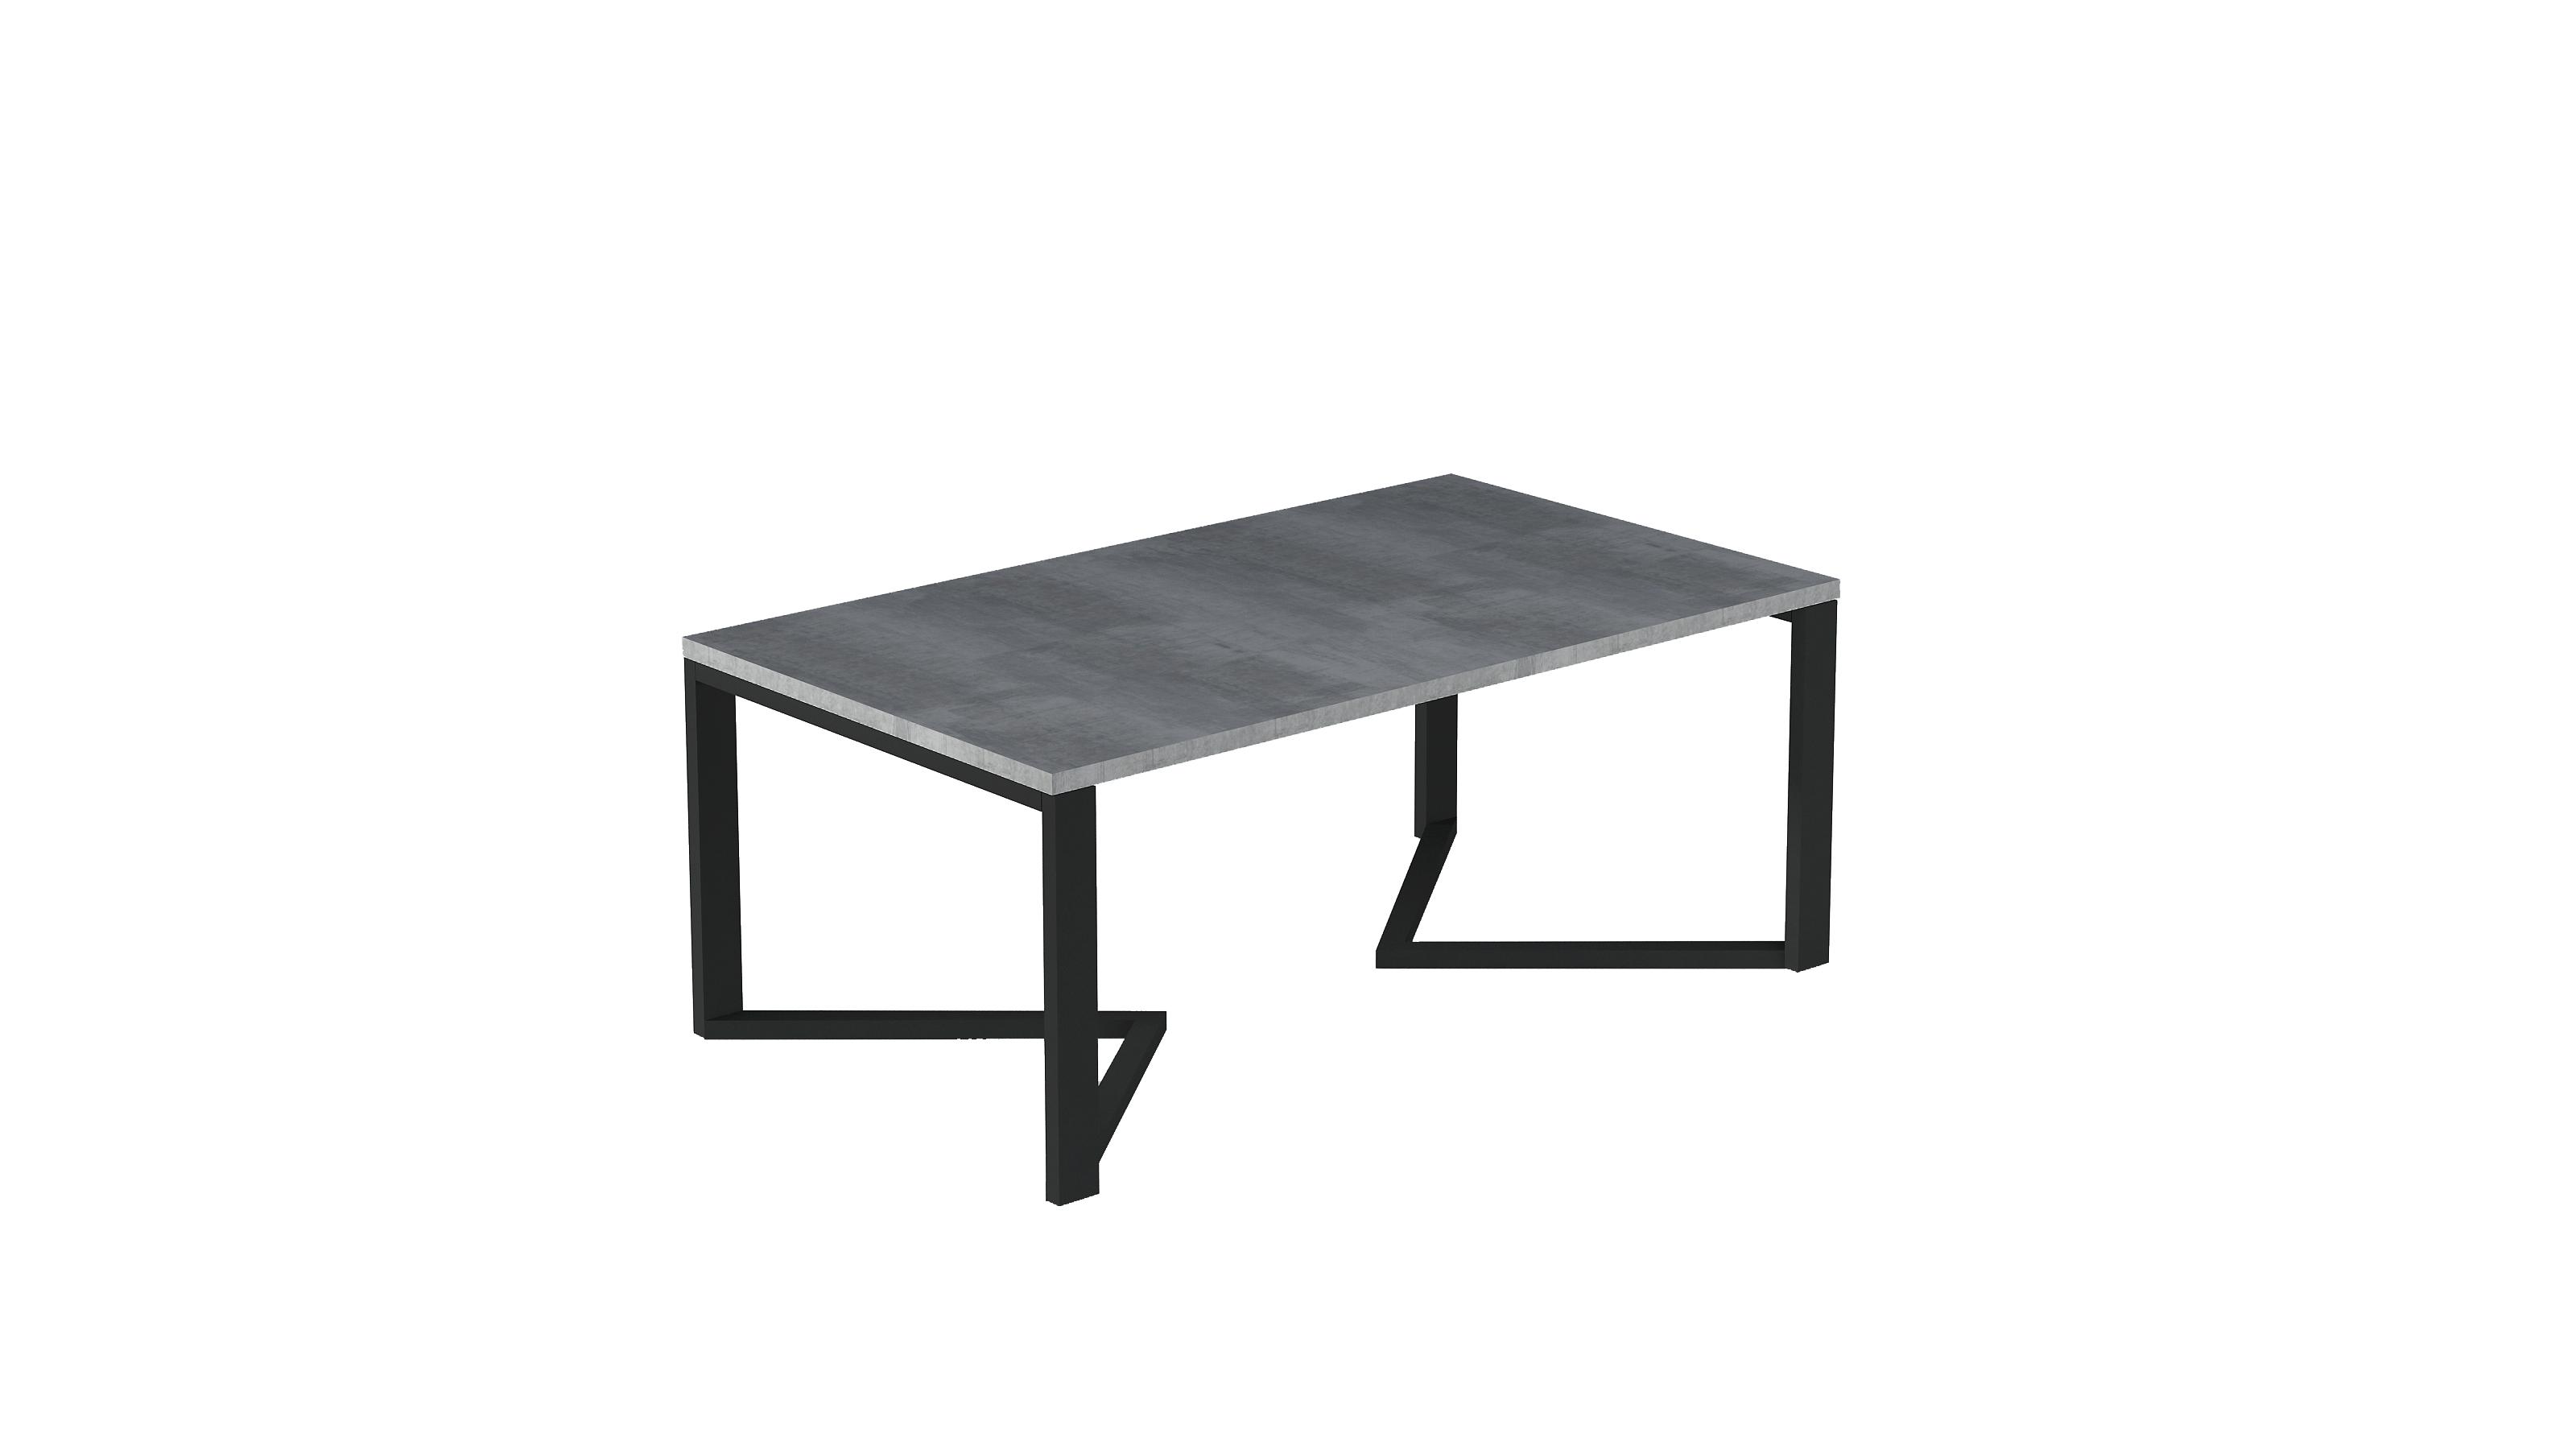 Konferenční stolek - Ganvo (beton)